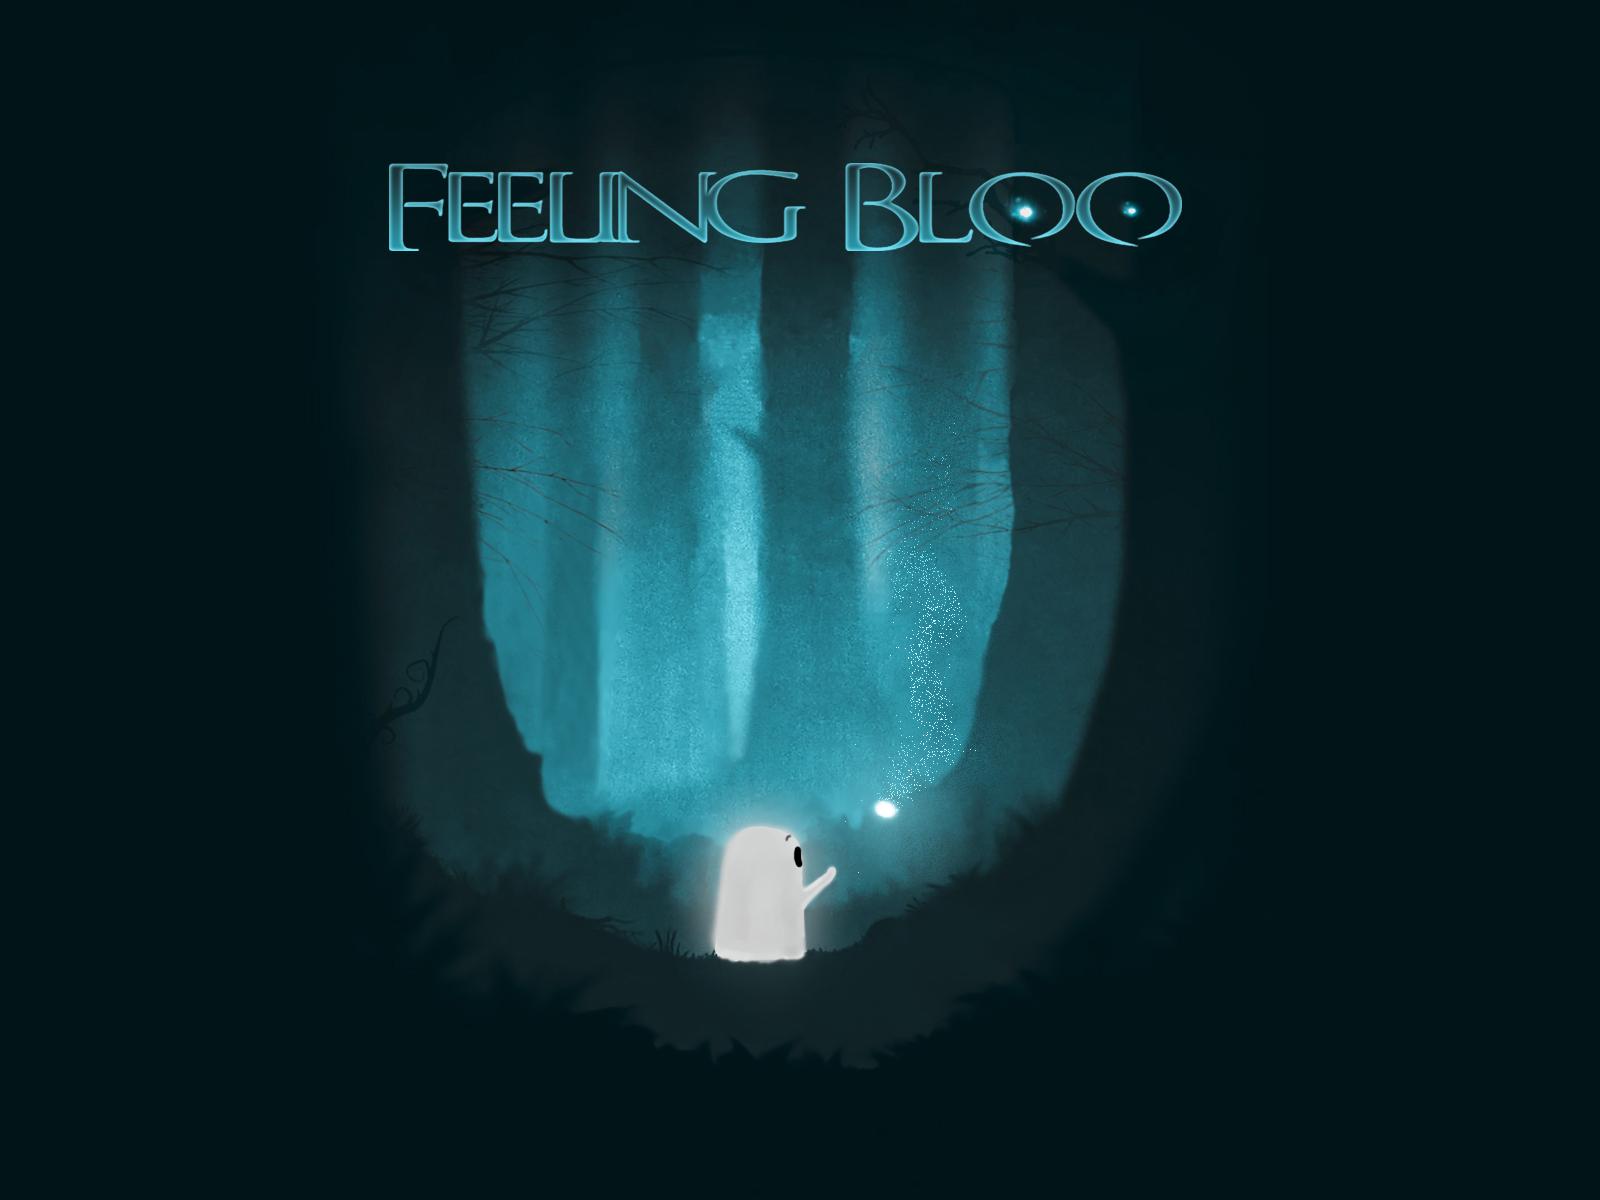 Feeling Bloo